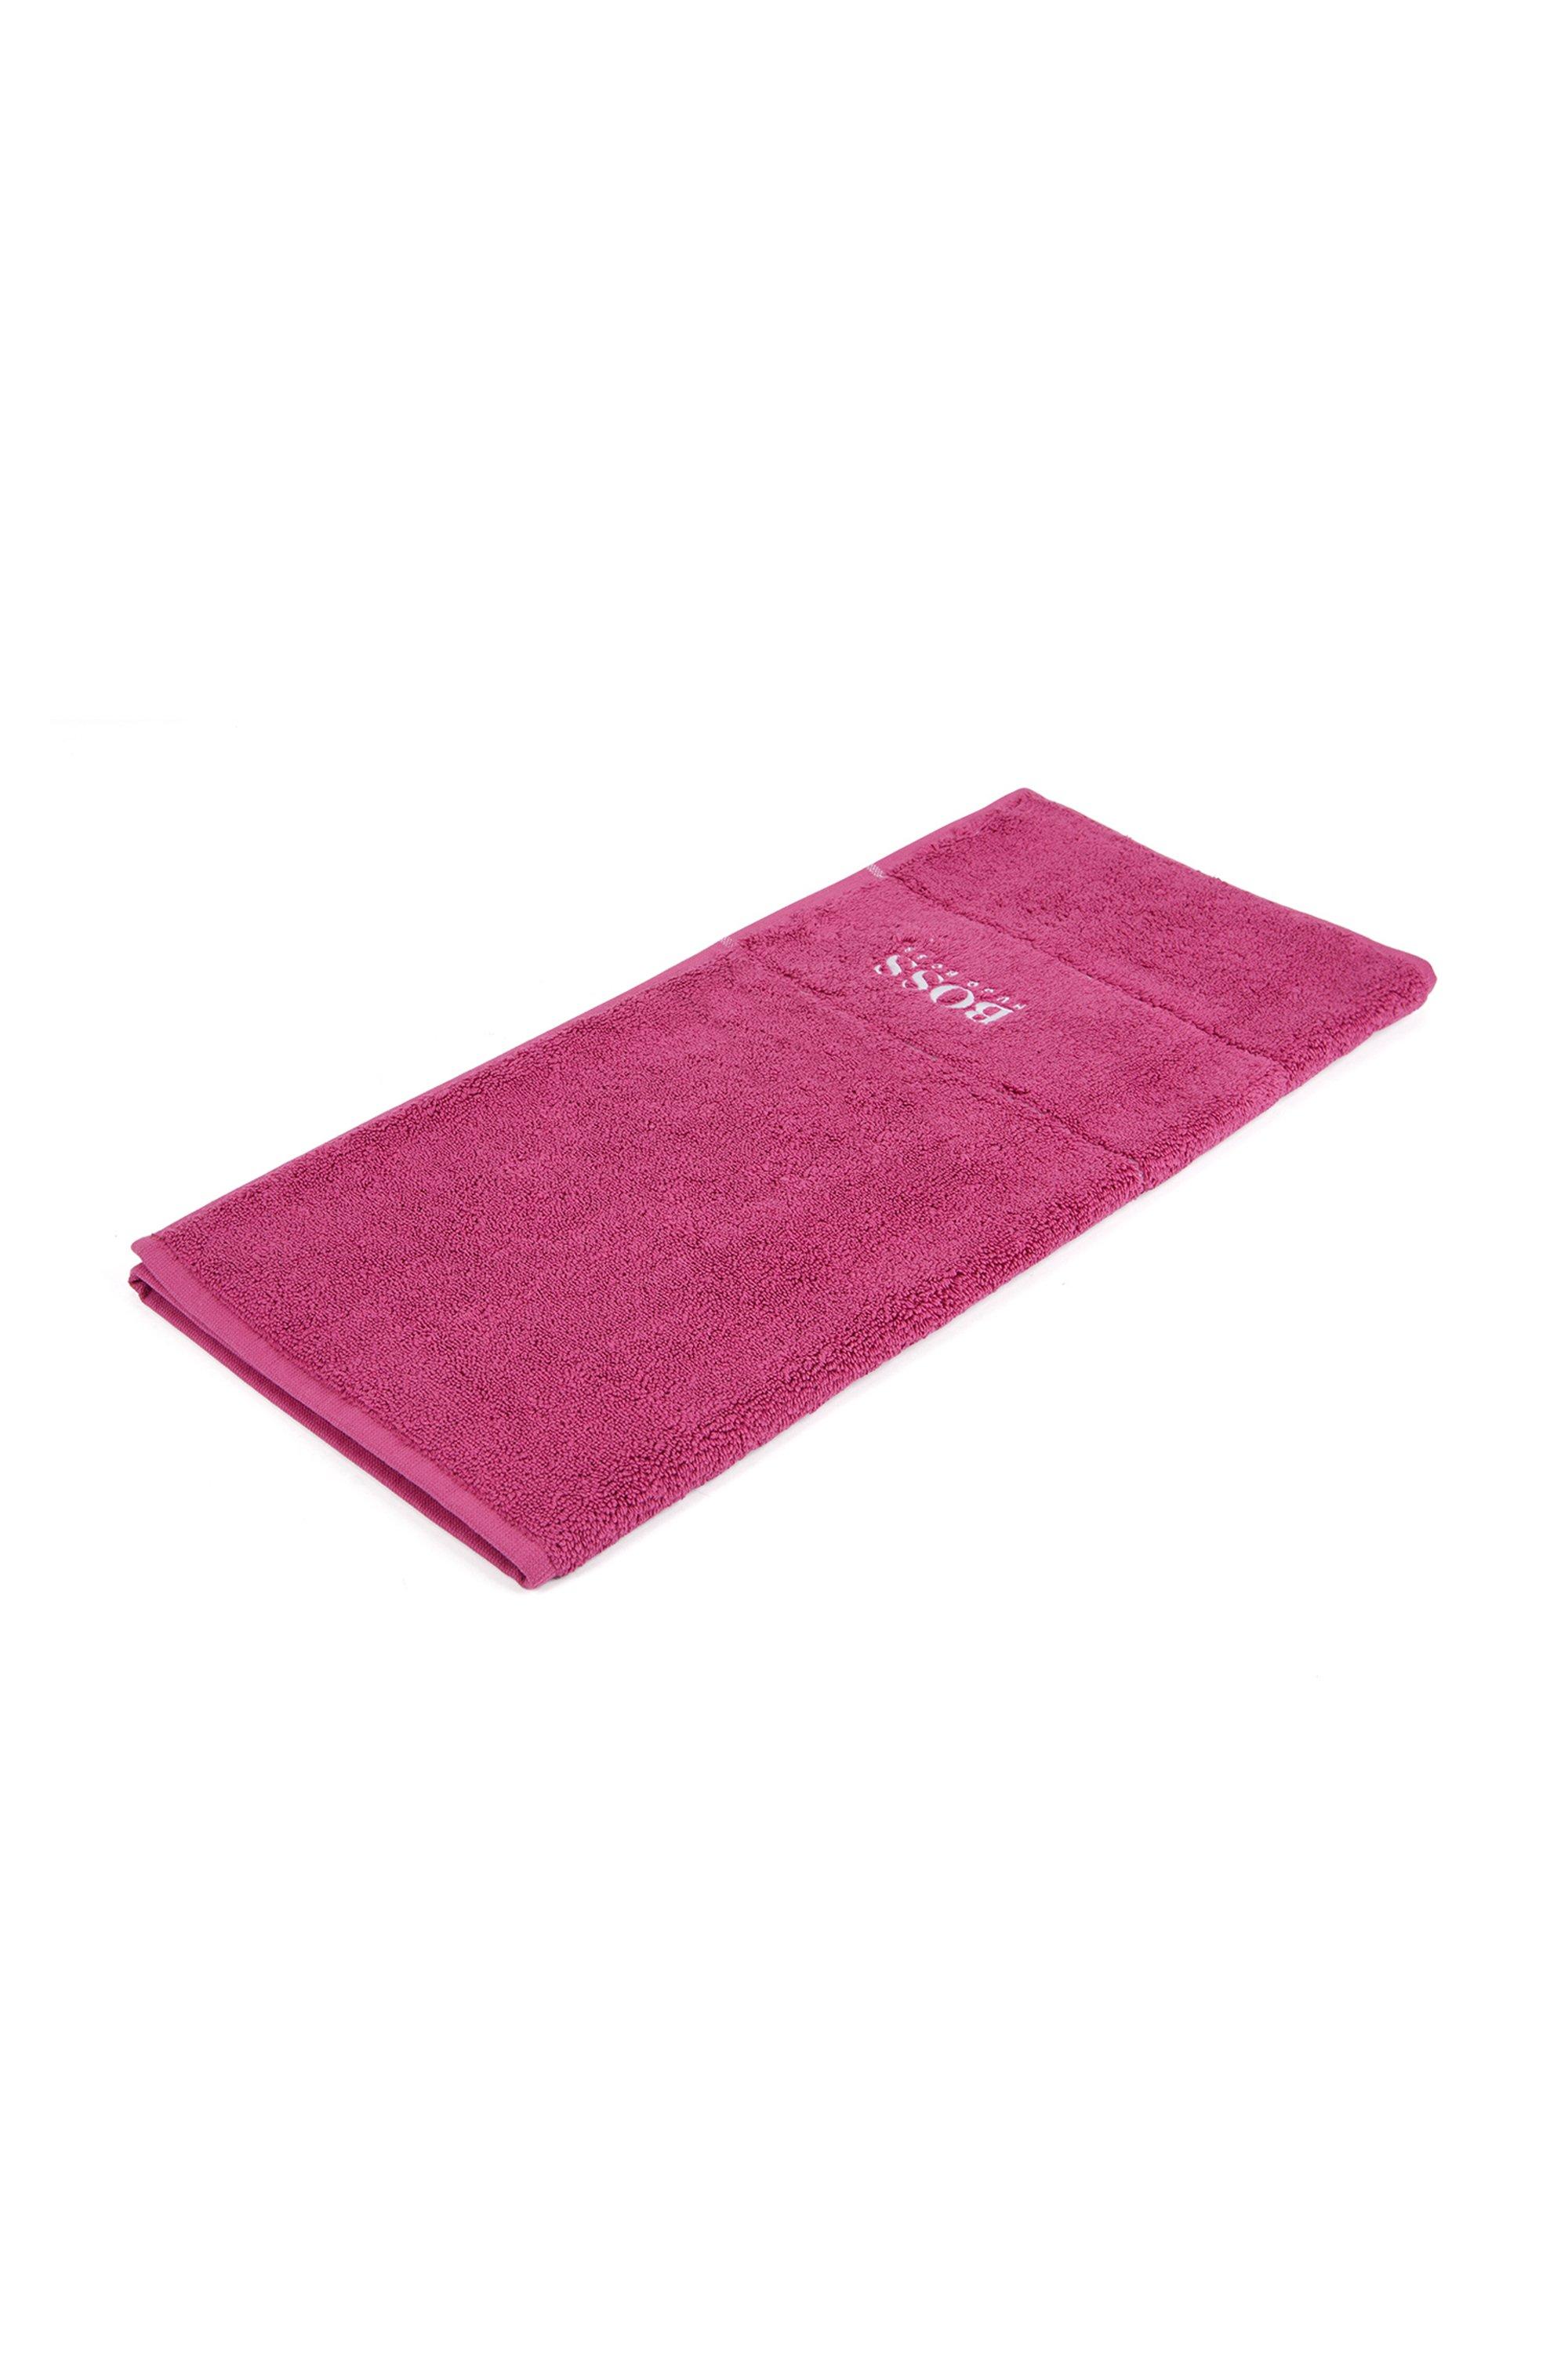 Badmat van de fijnste Egyptische katoen met rand met logo, Pink